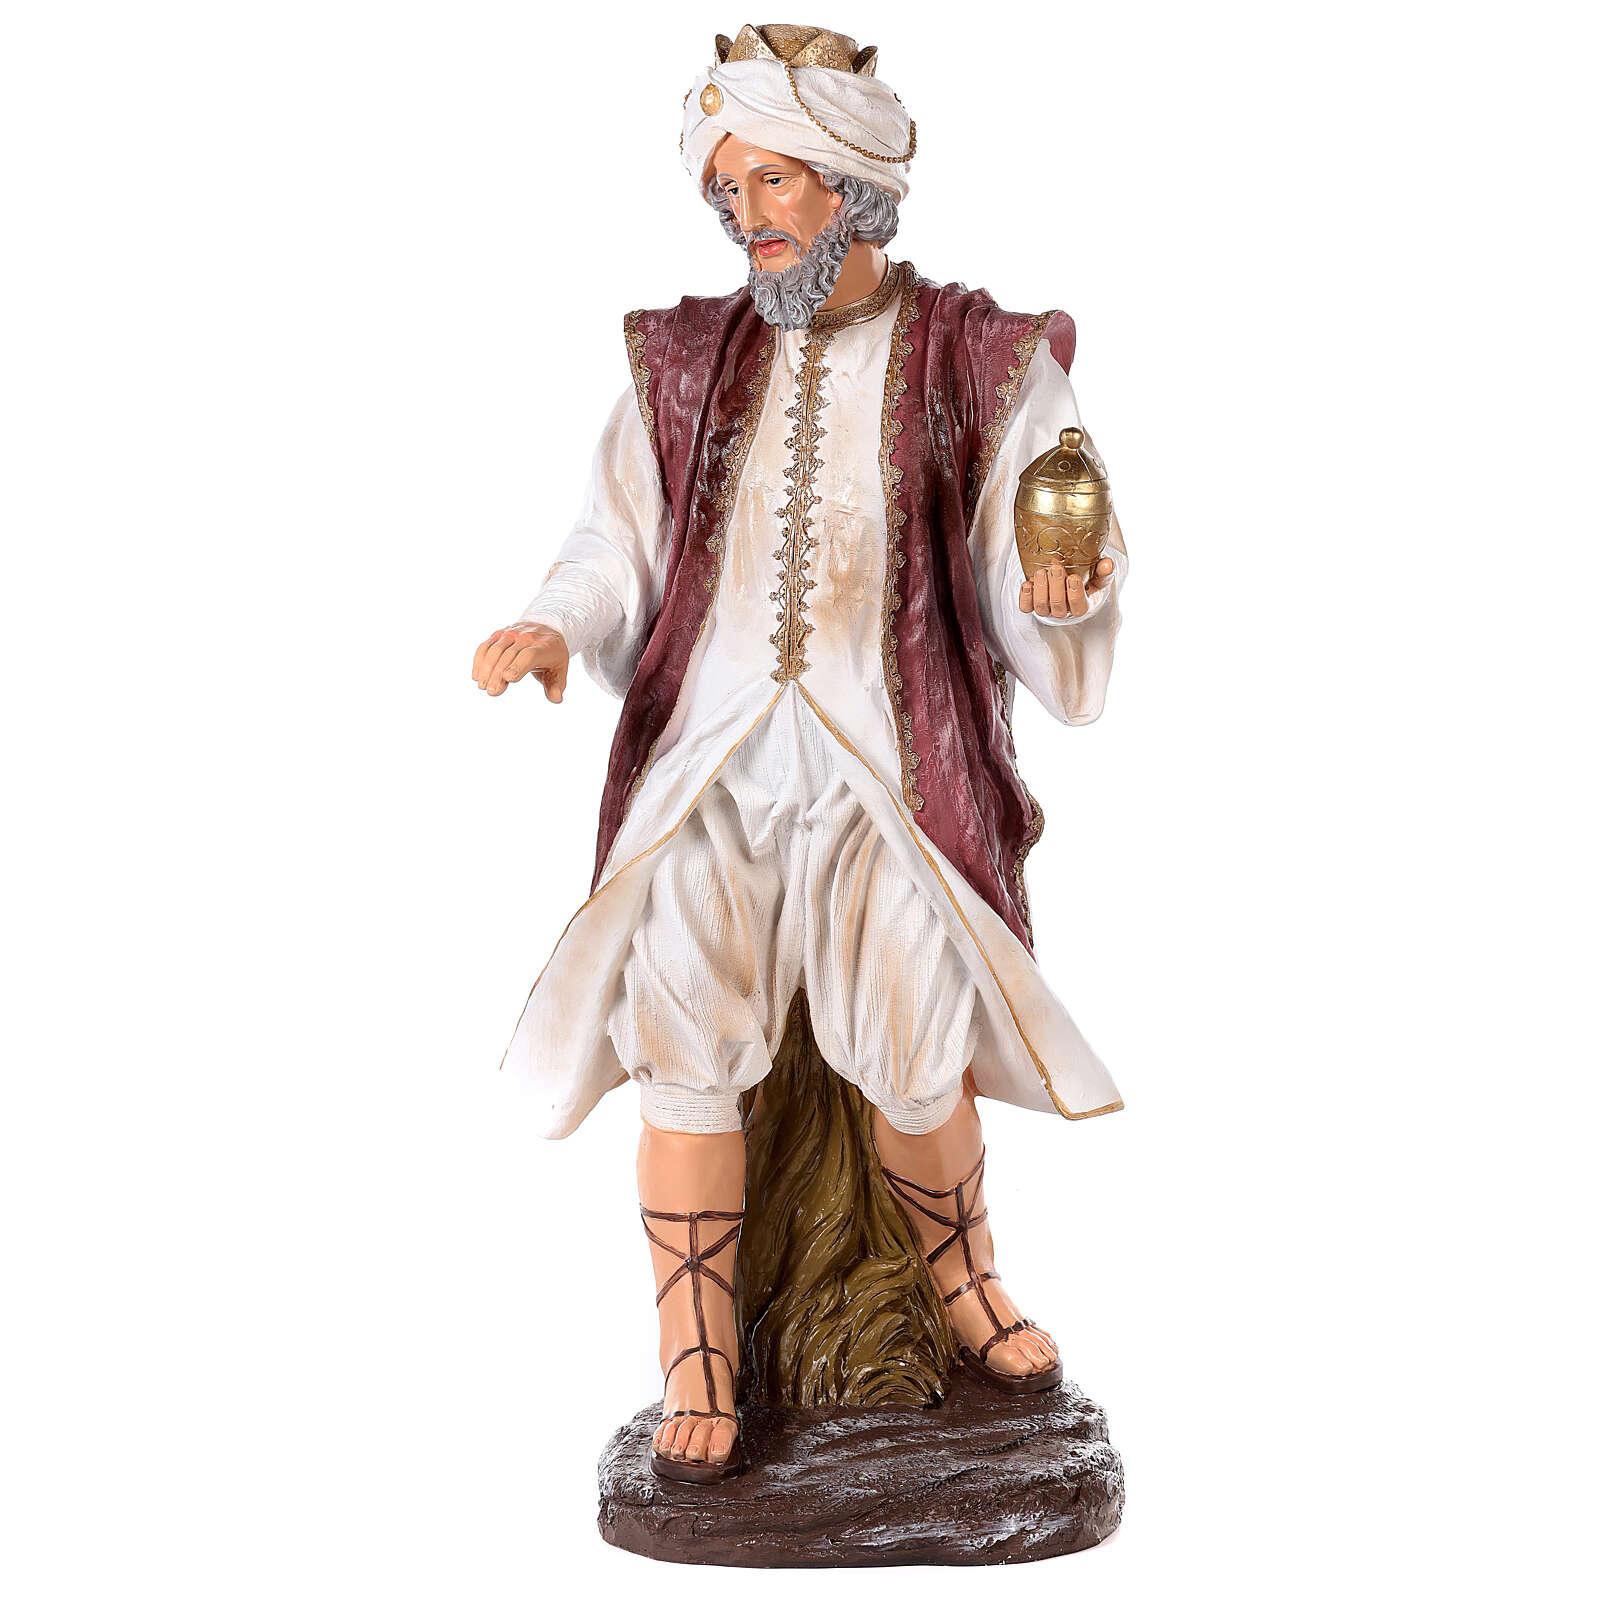 Presépio completo resina pintada 11 figuras altura média 90 cm 4